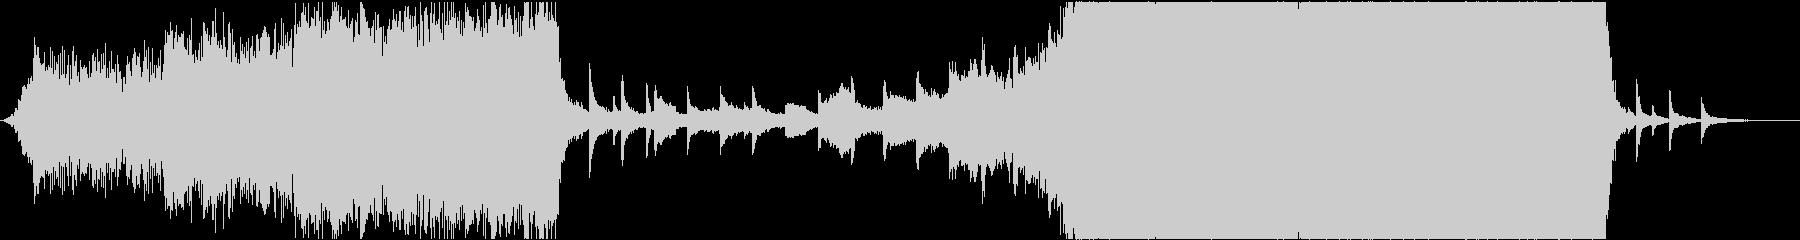 シネマティックなインストの未再生の波形